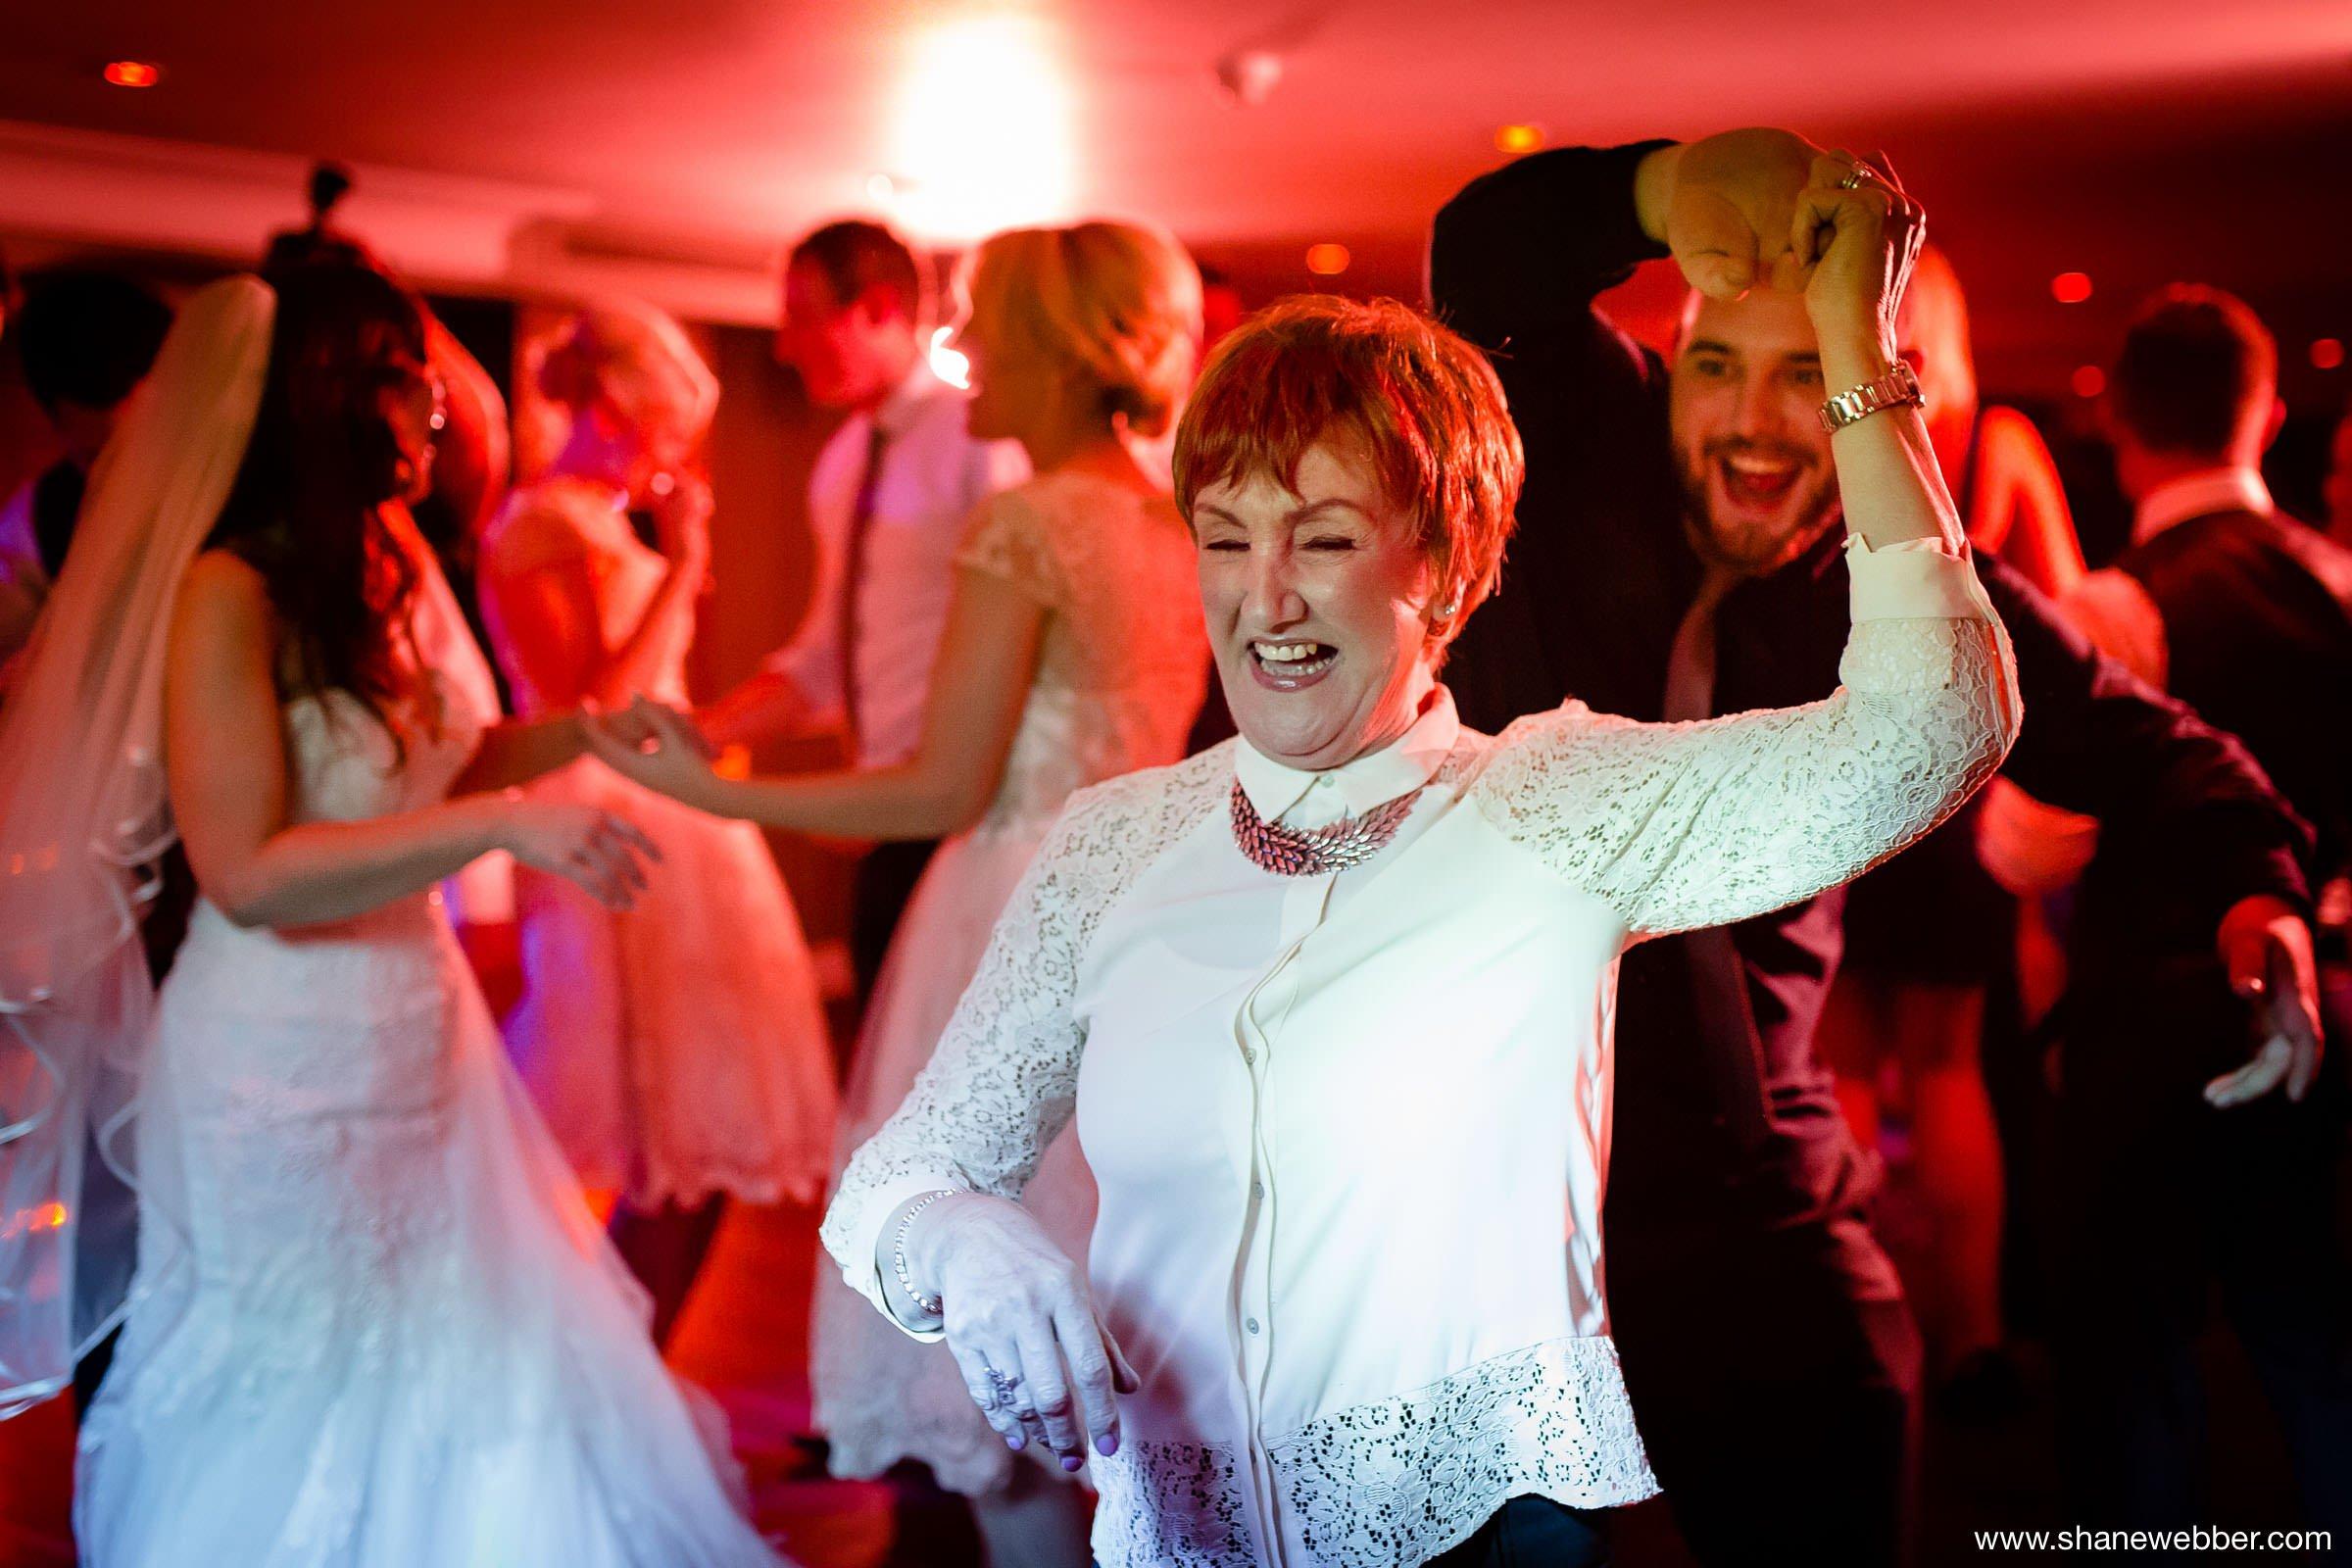 Dancing photos at wedding